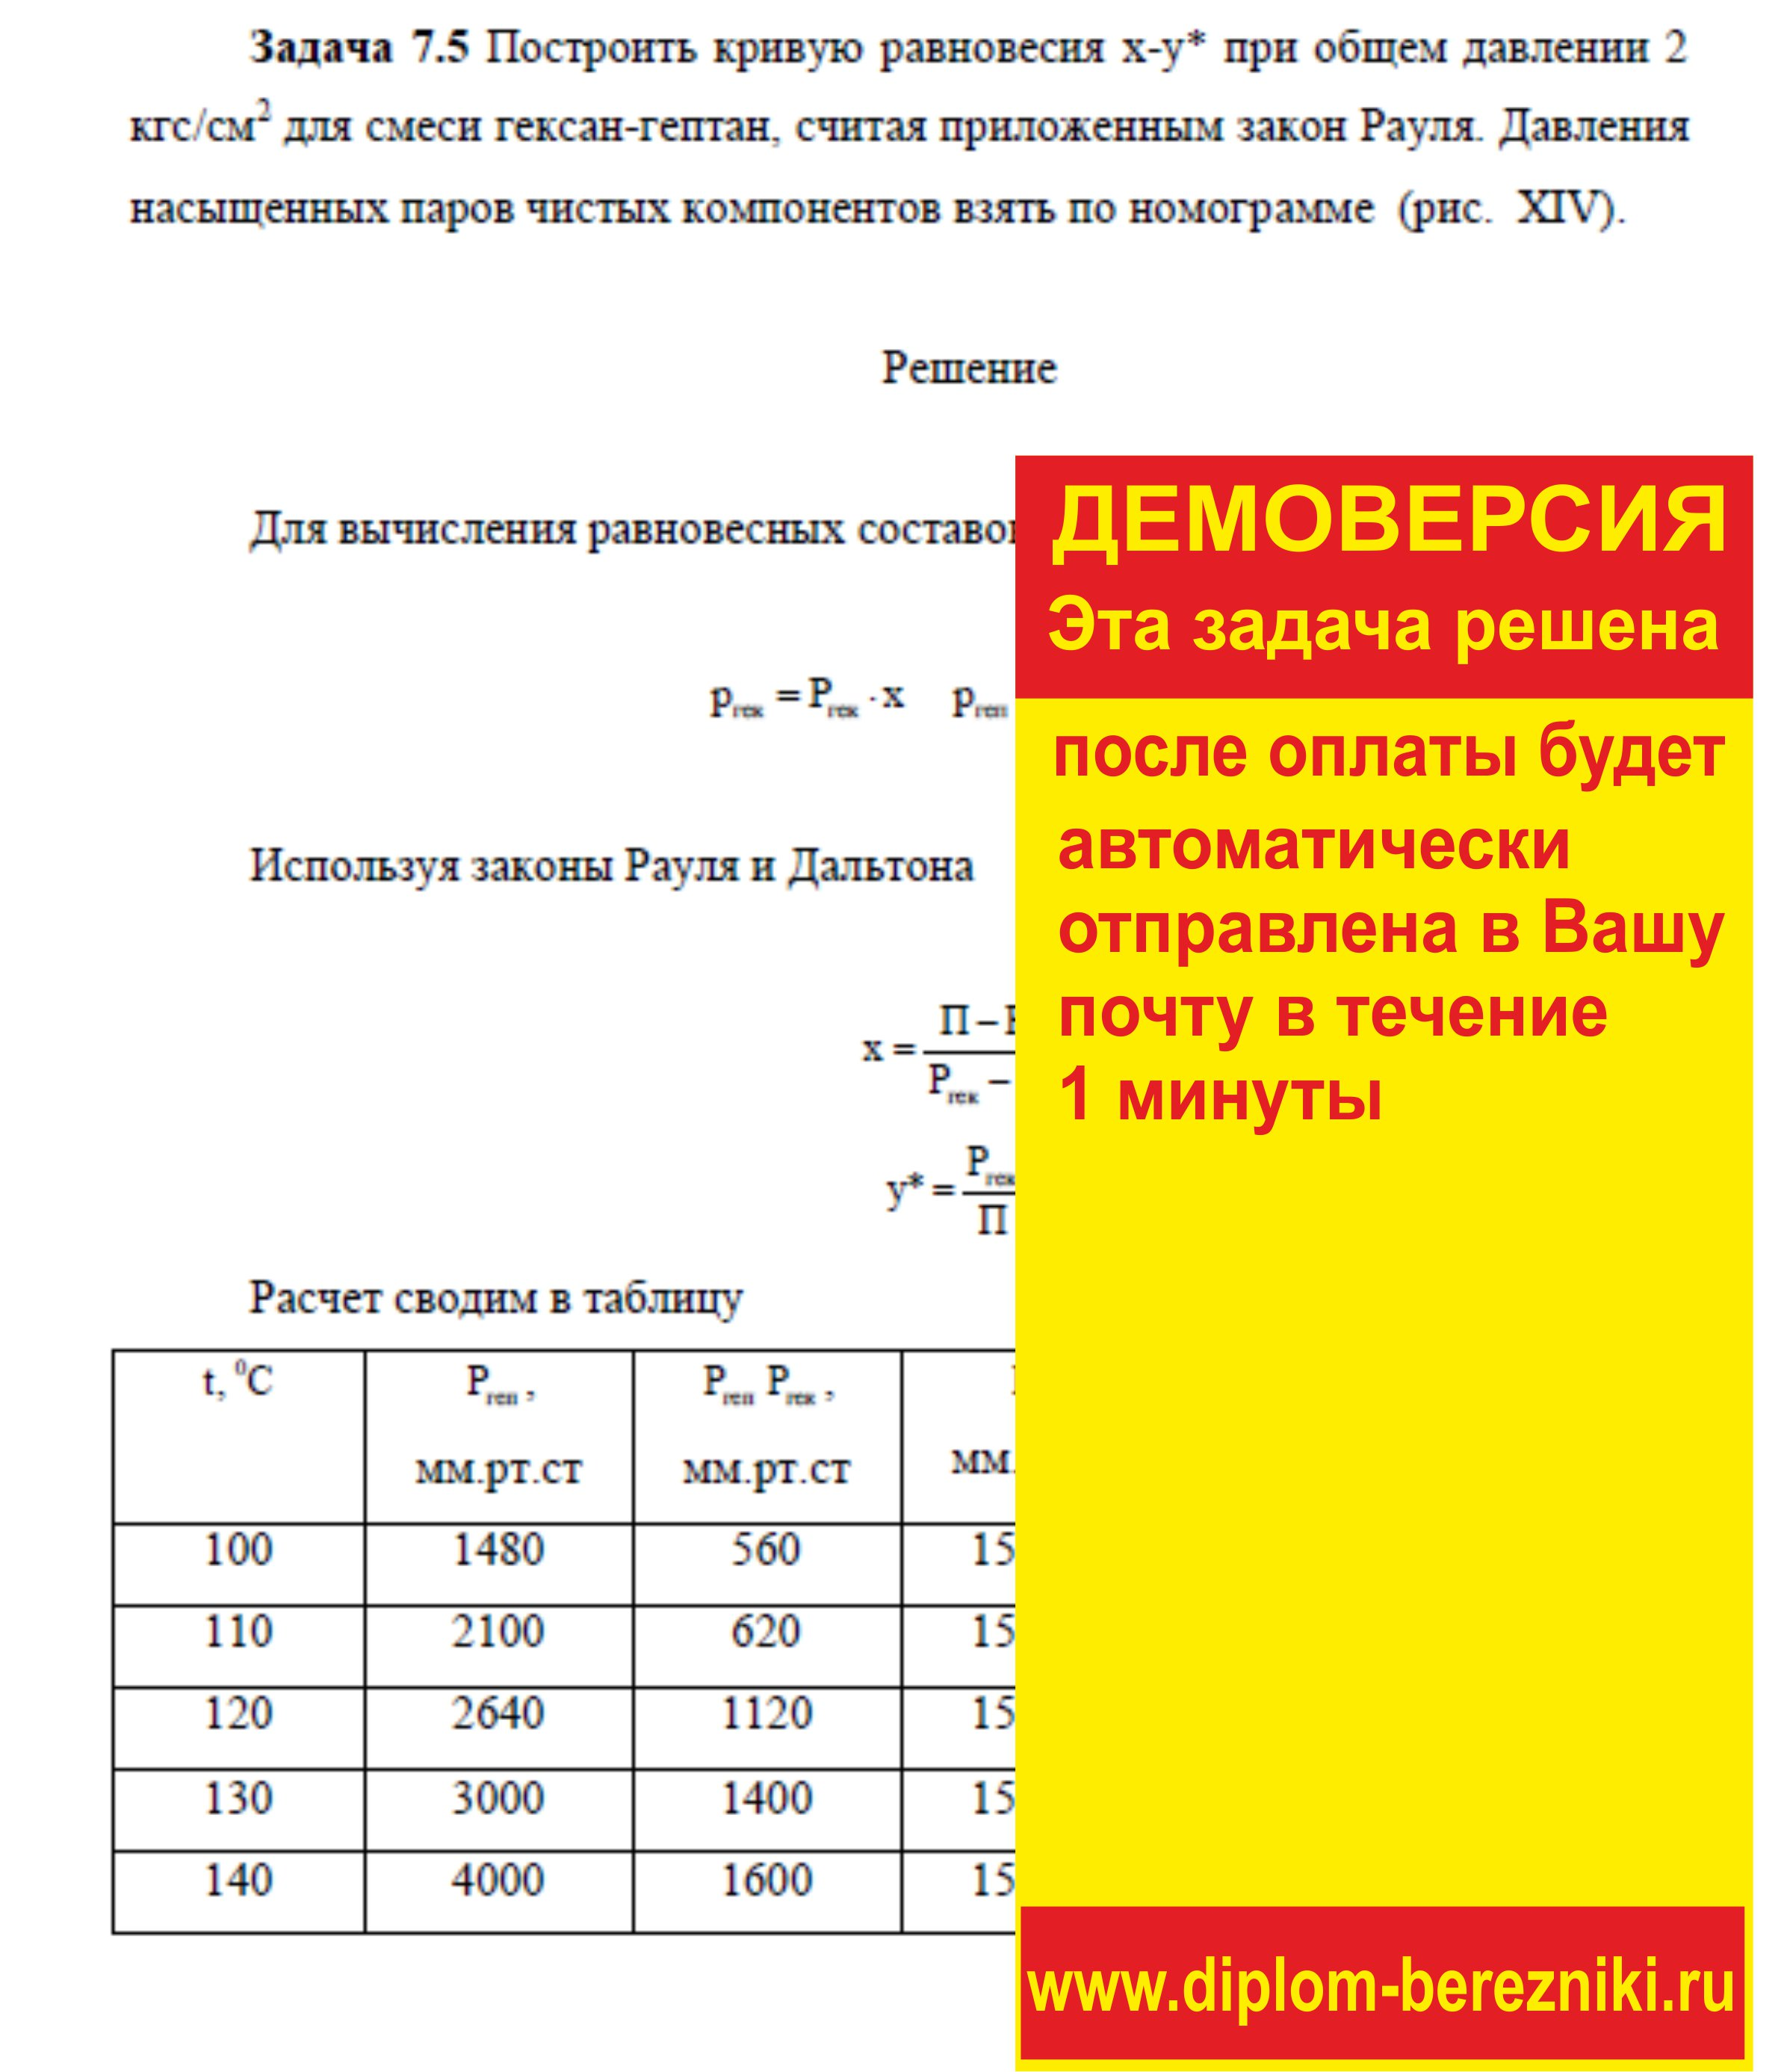 Решение задачи 7.5 по ПАХТ из задачника Павлова Романкова Носкова